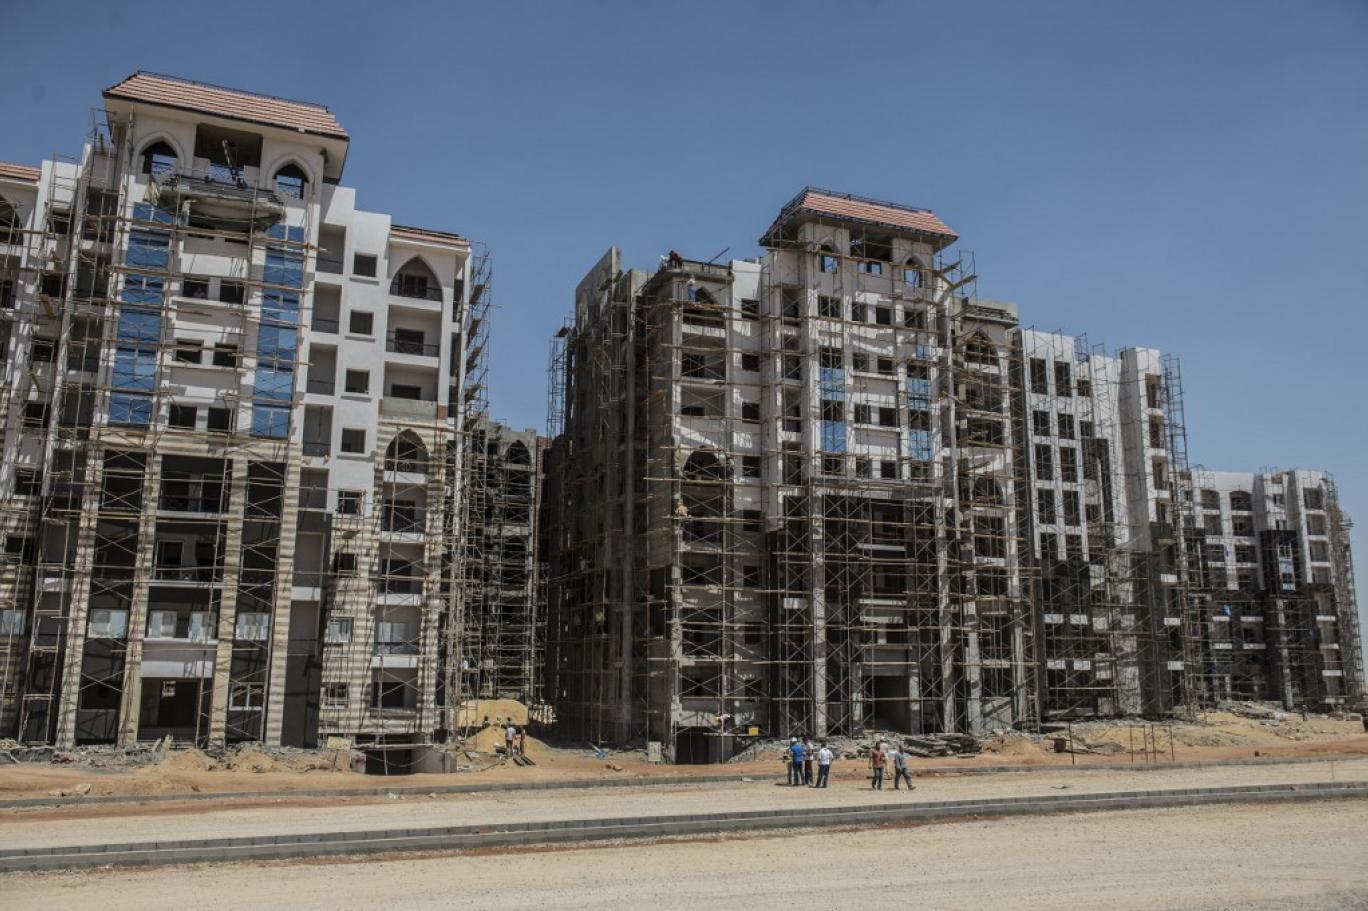 أسعار مواد البناء تقفز في مصر